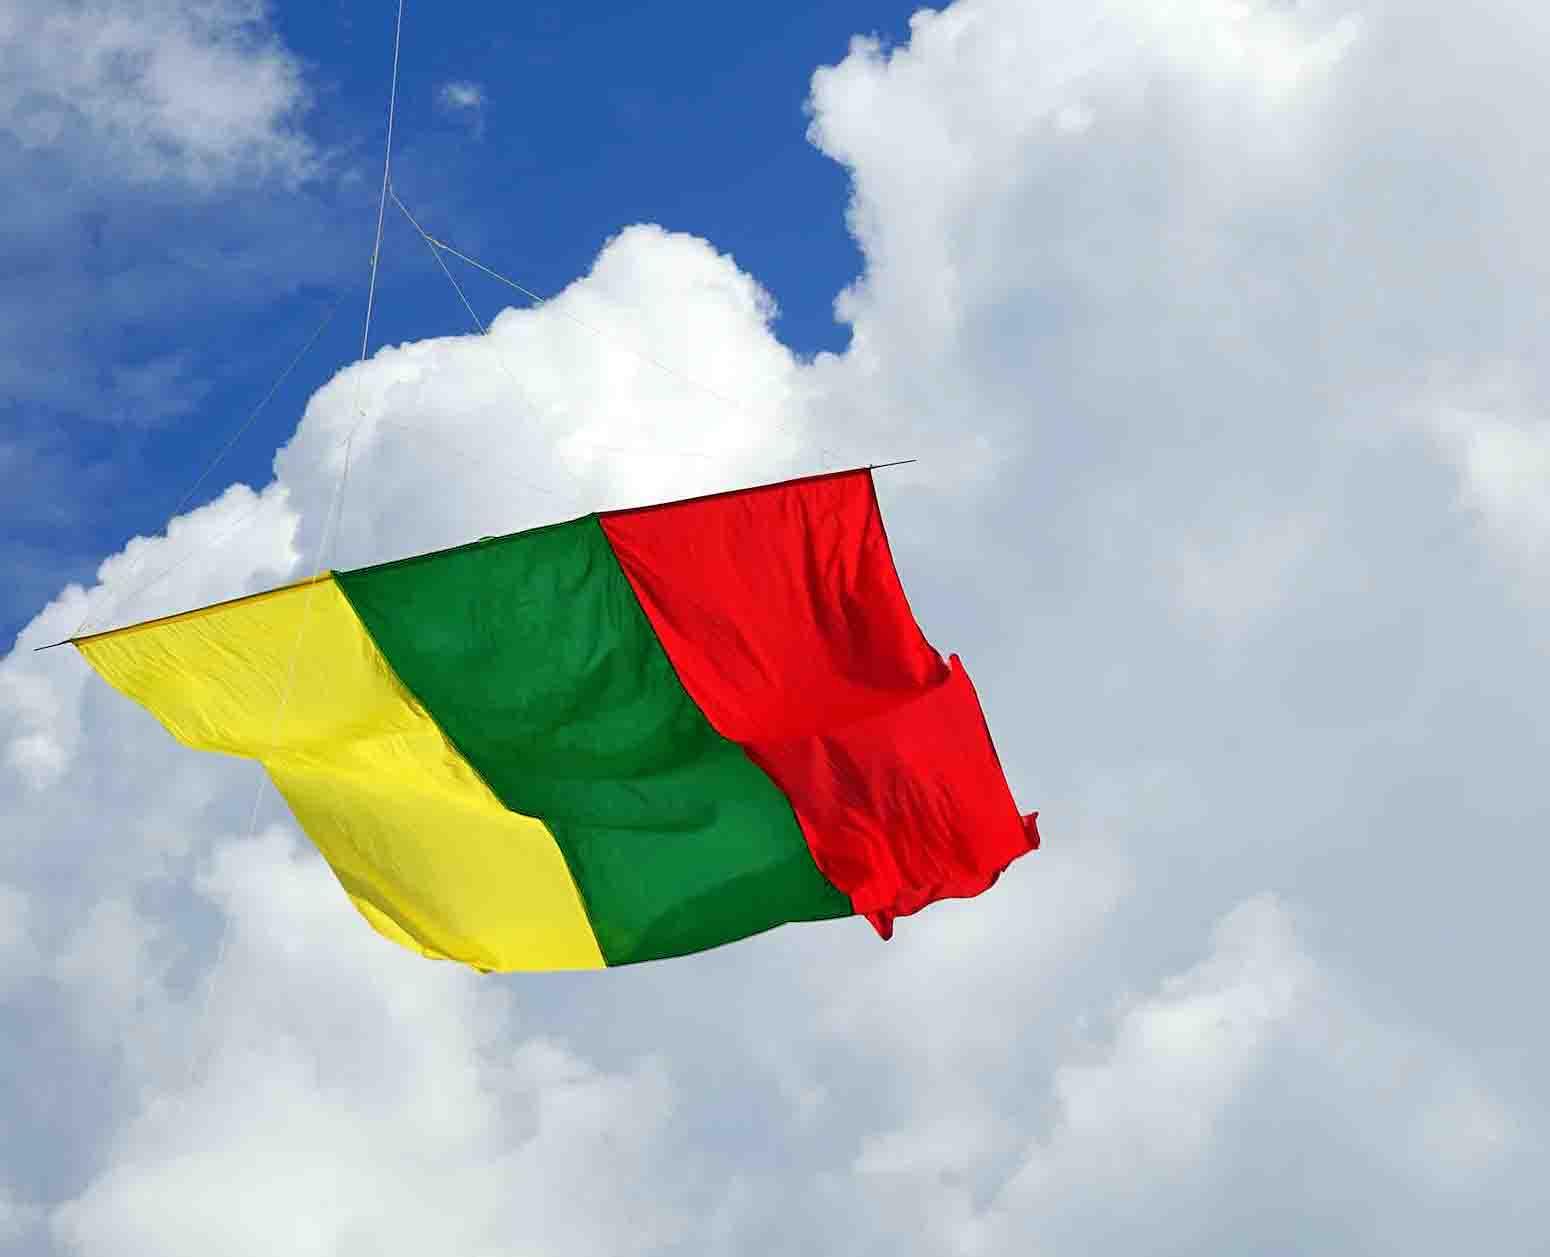 Kovo 11-ąją sostinės danguje skris laisvės vėliava | M. Abramavičiaus-Neboisia nuotr.